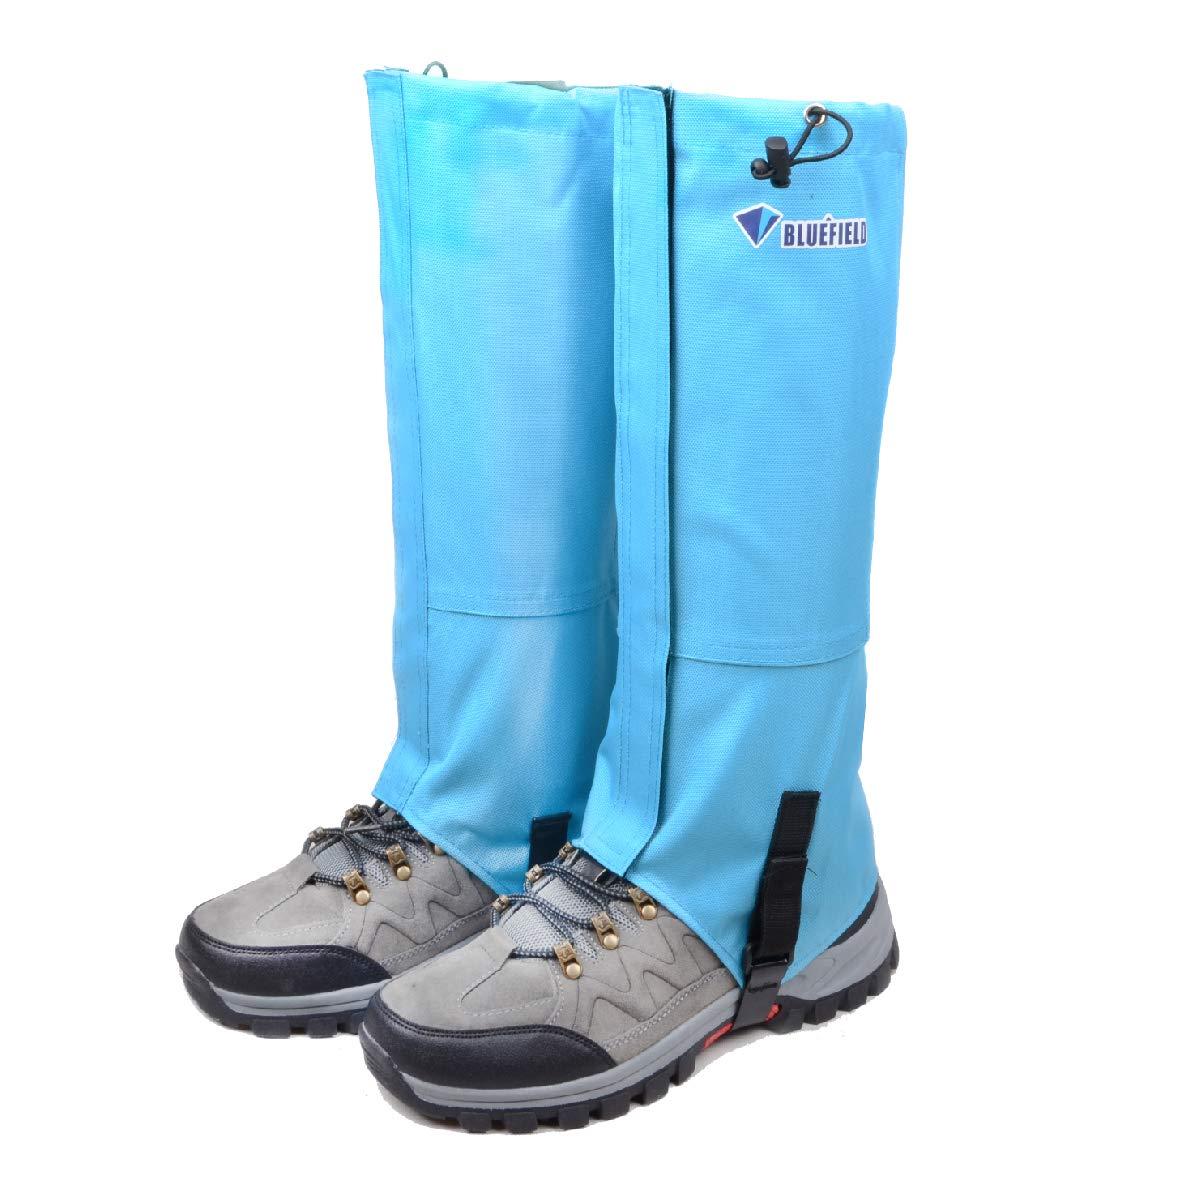 TRIWONDER Ghette da Neve Ghette Impermeabili da Trekking Running Caccia Montagna Escursionismo Corsa per Uomo Donna Ghette Antipioggia per Scarpe